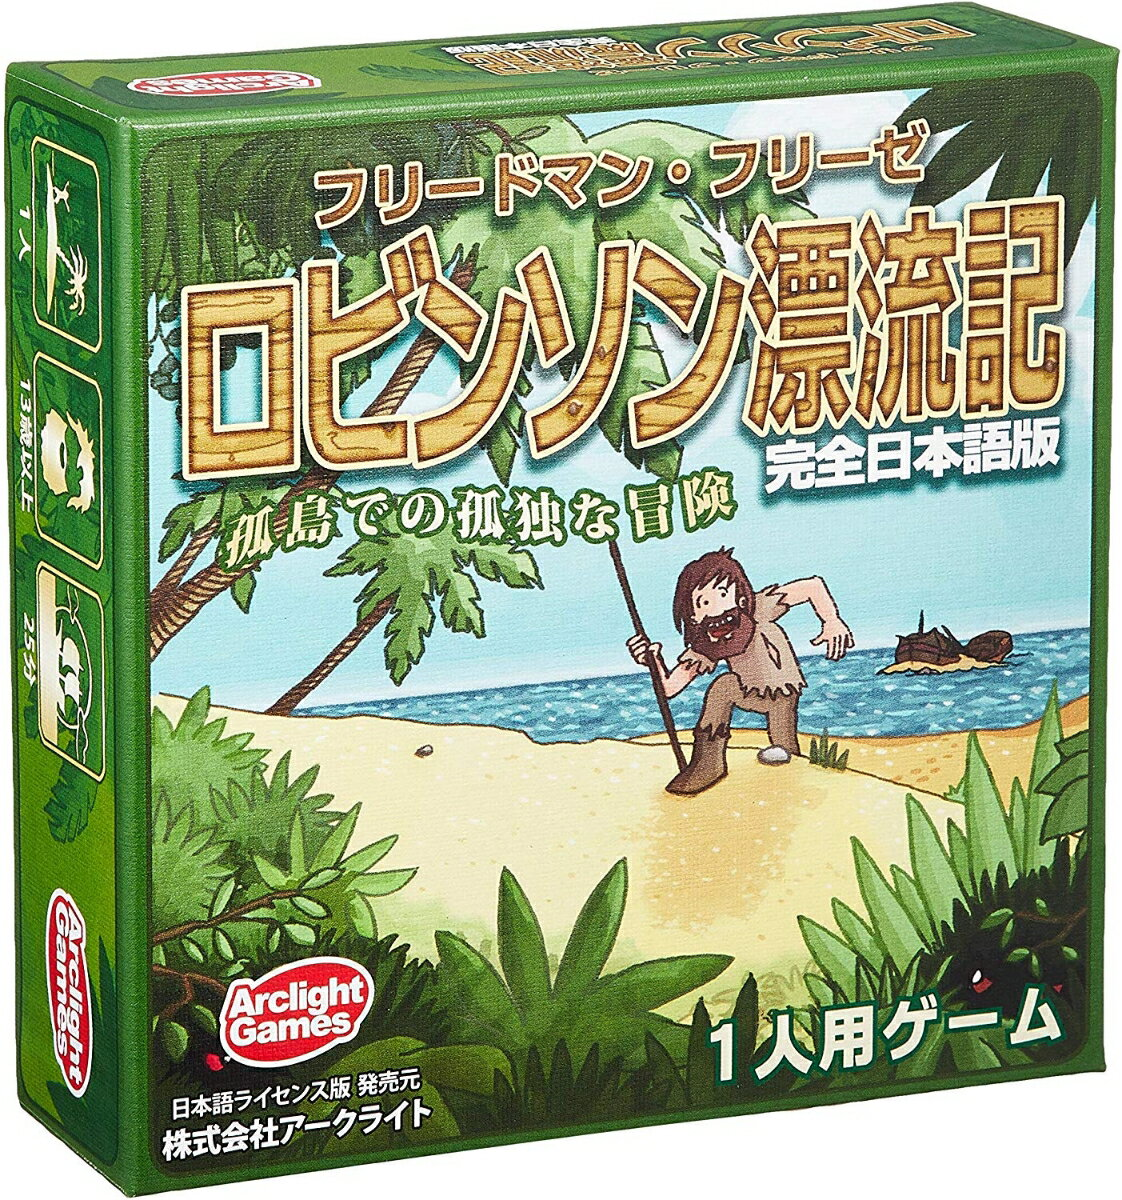 ロビンソン漂流記 完全日本語版